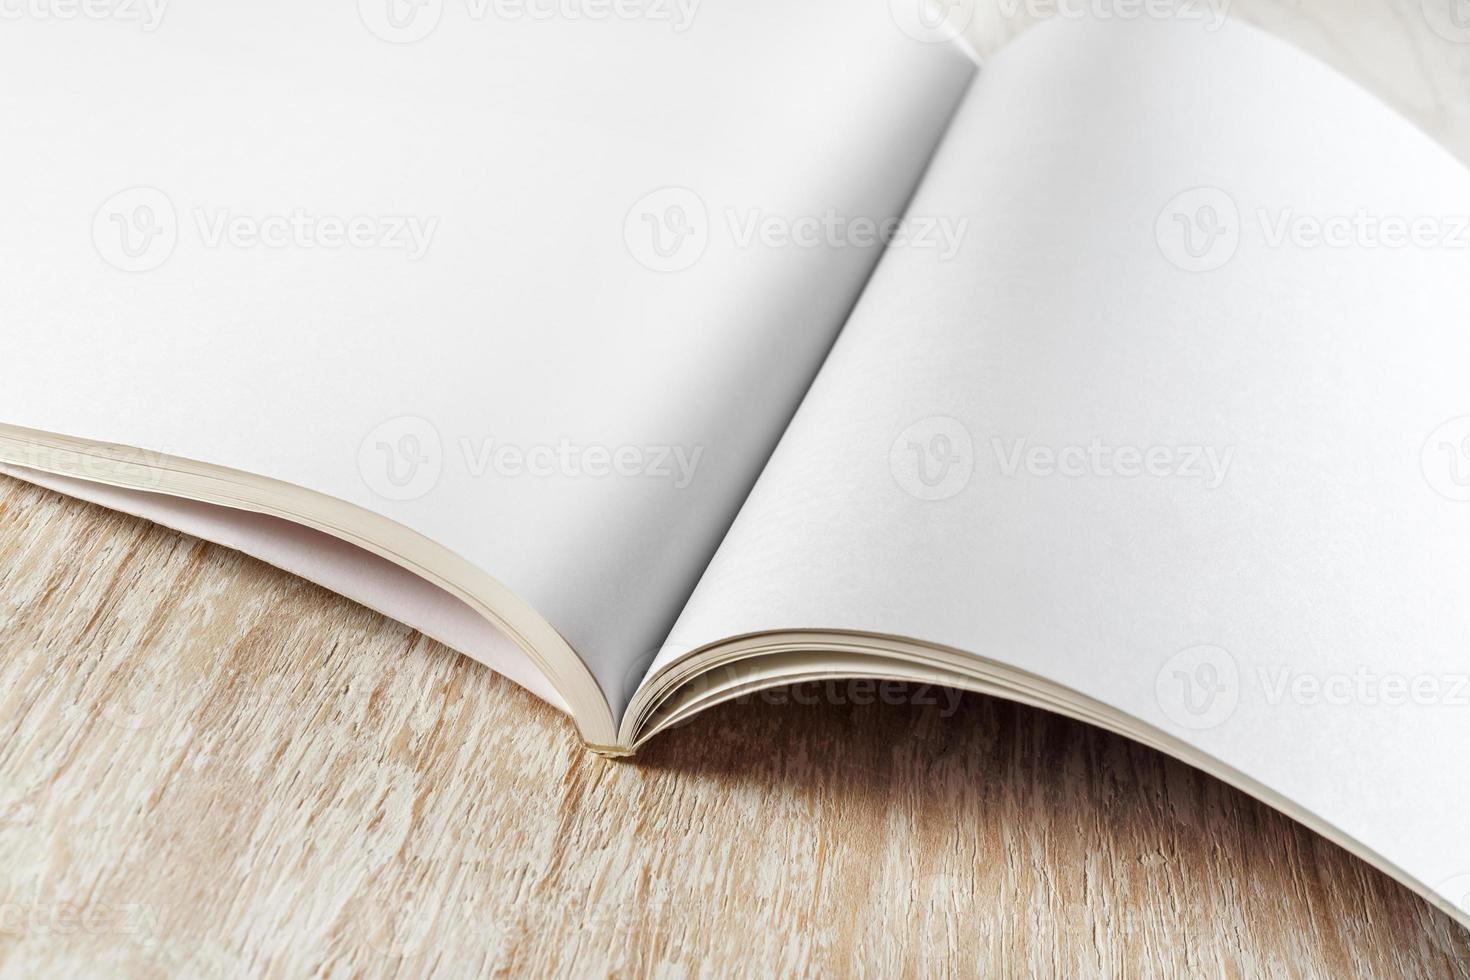 fragmento de folleto en blanco foto